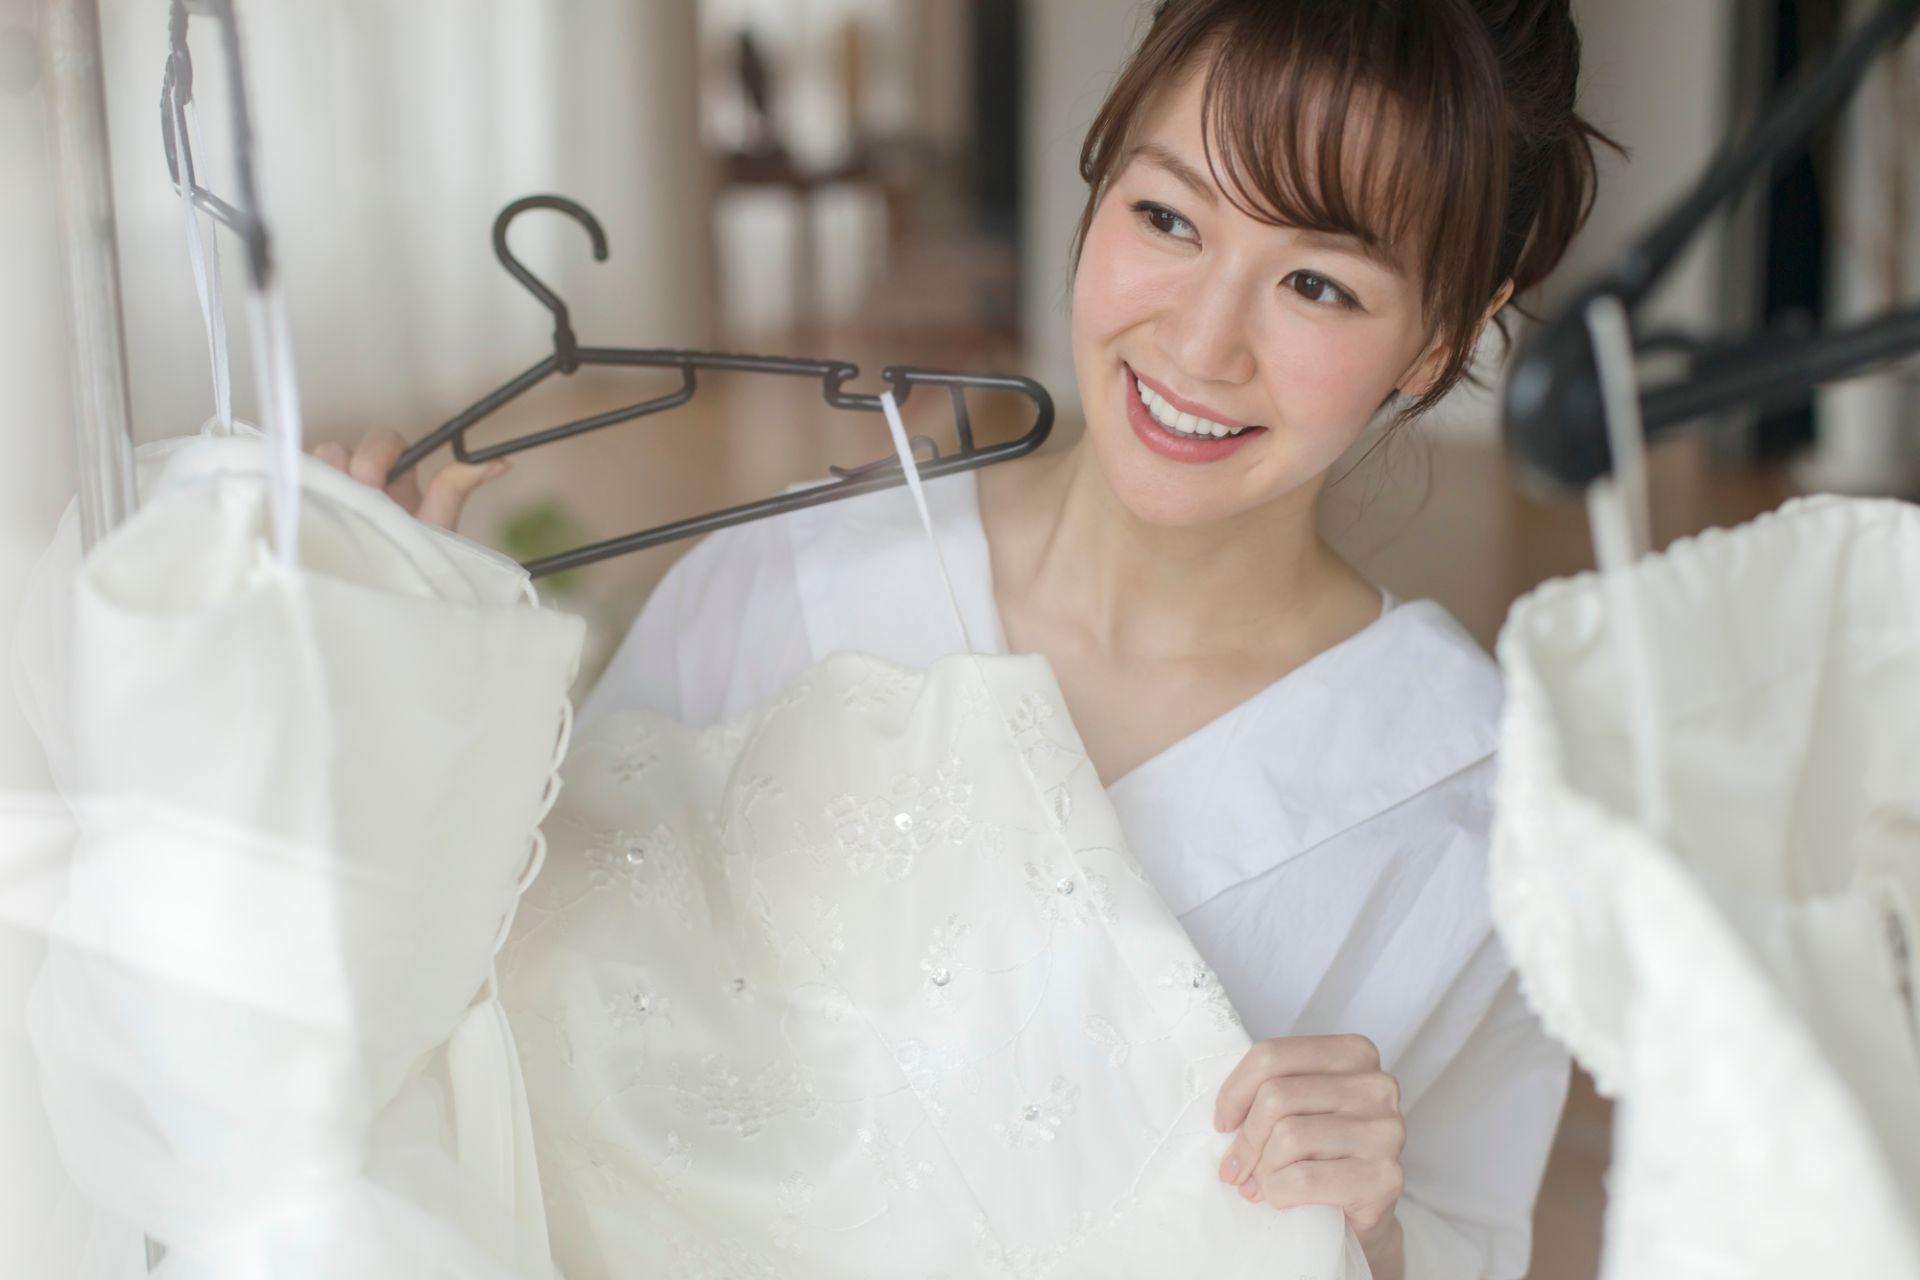 【5/23受付中】前撮り用衣裳の無料試着会はこちら!